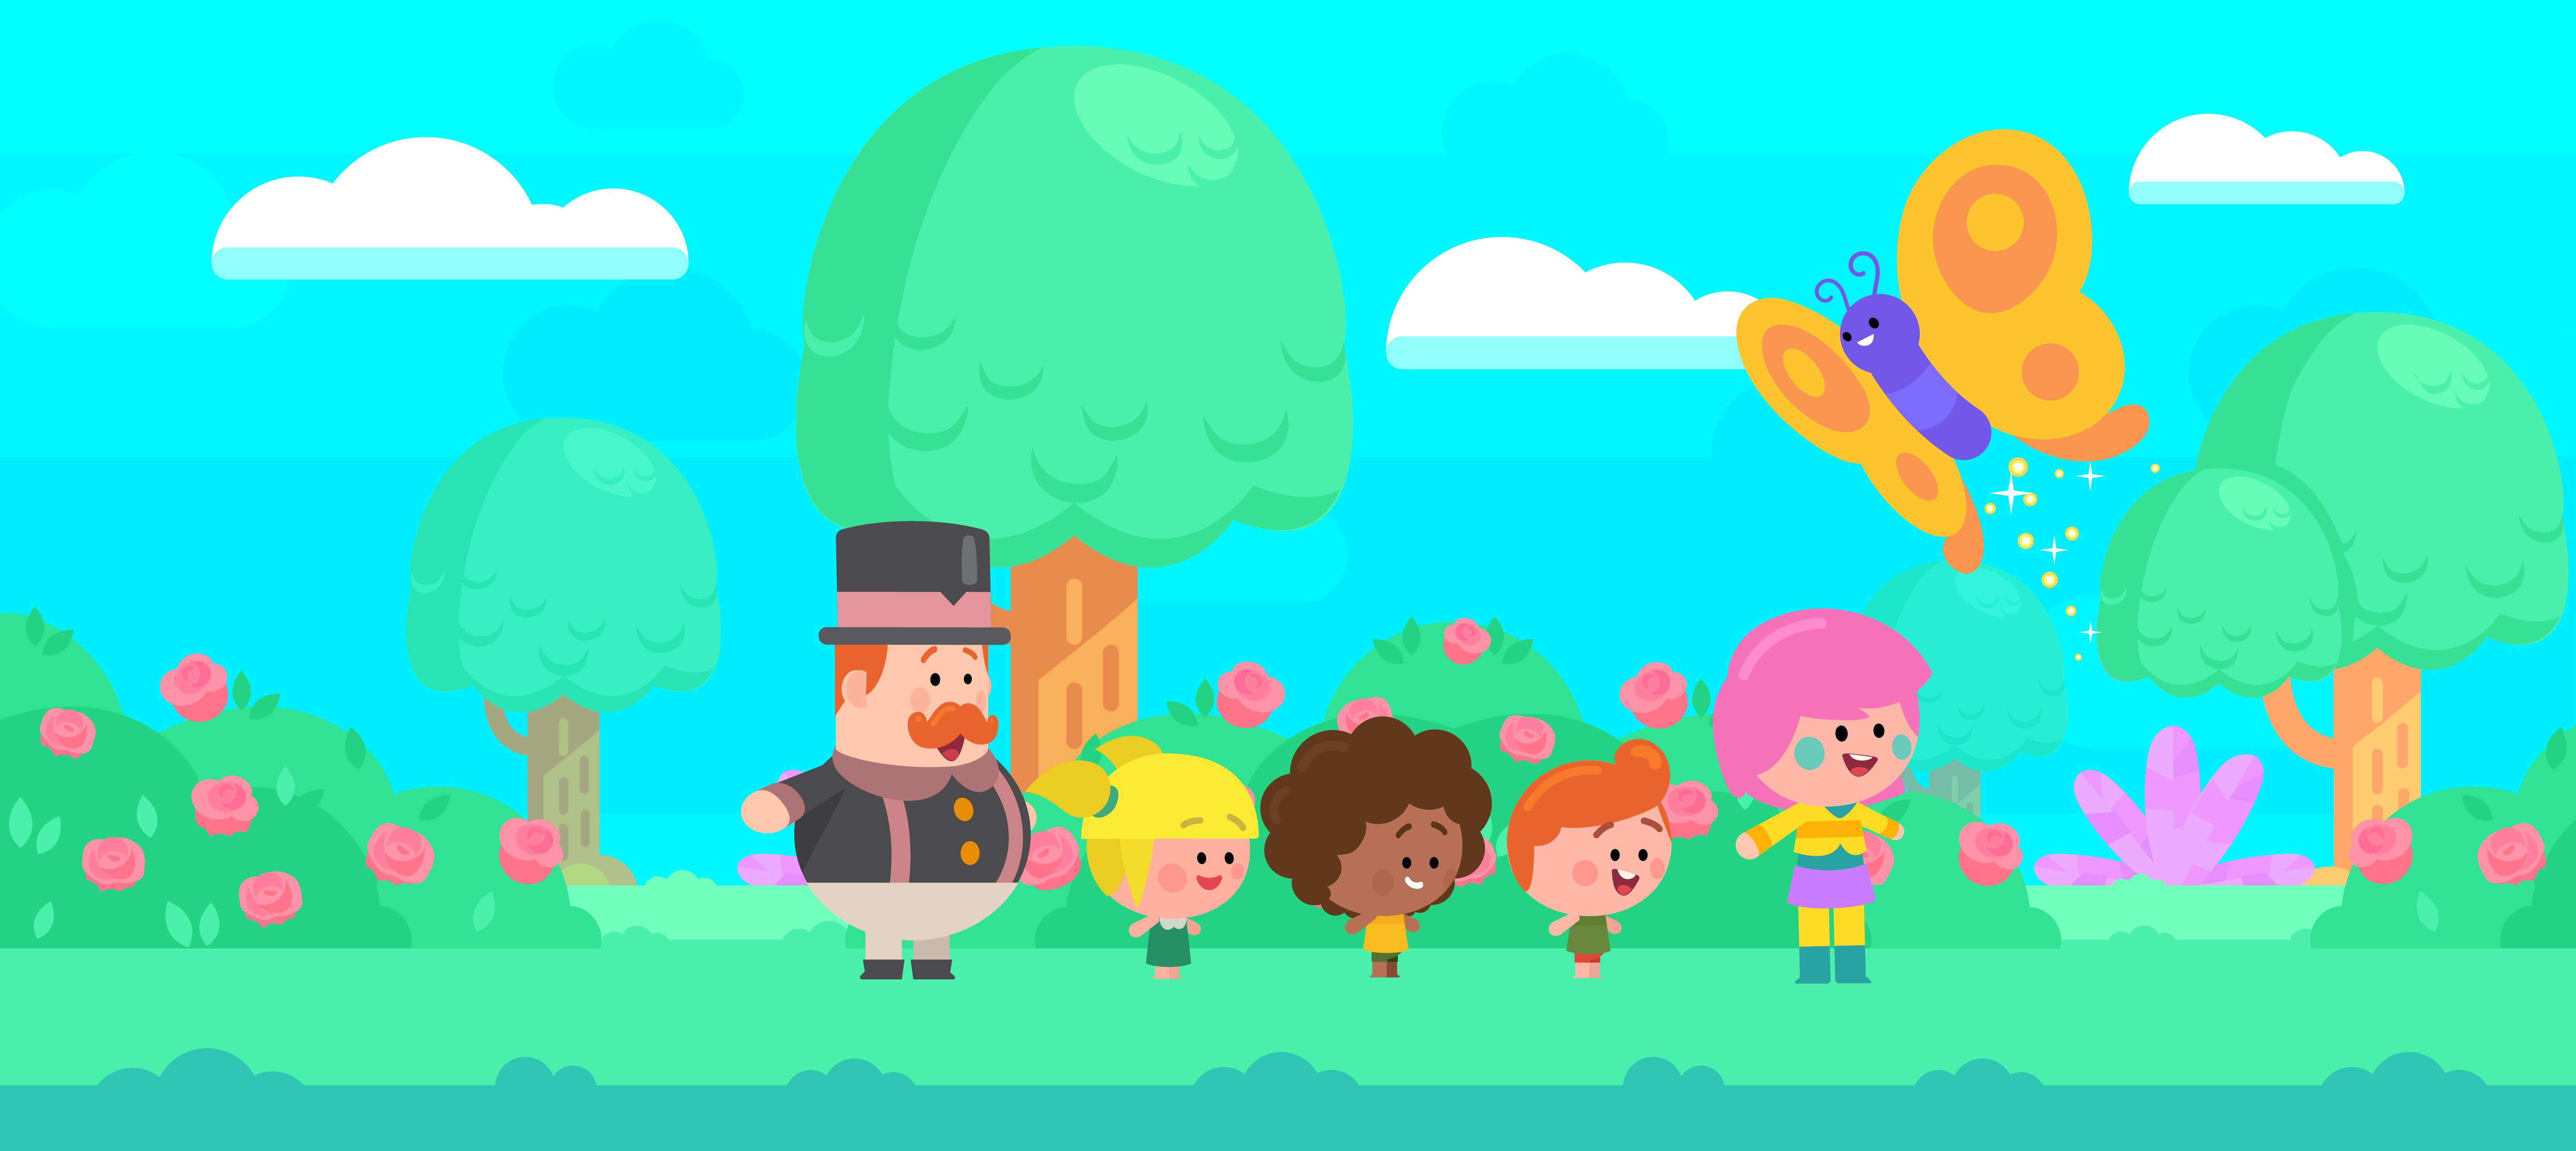 Ilustração mostra os personagens do Mundo Bita num fundo multicolorido